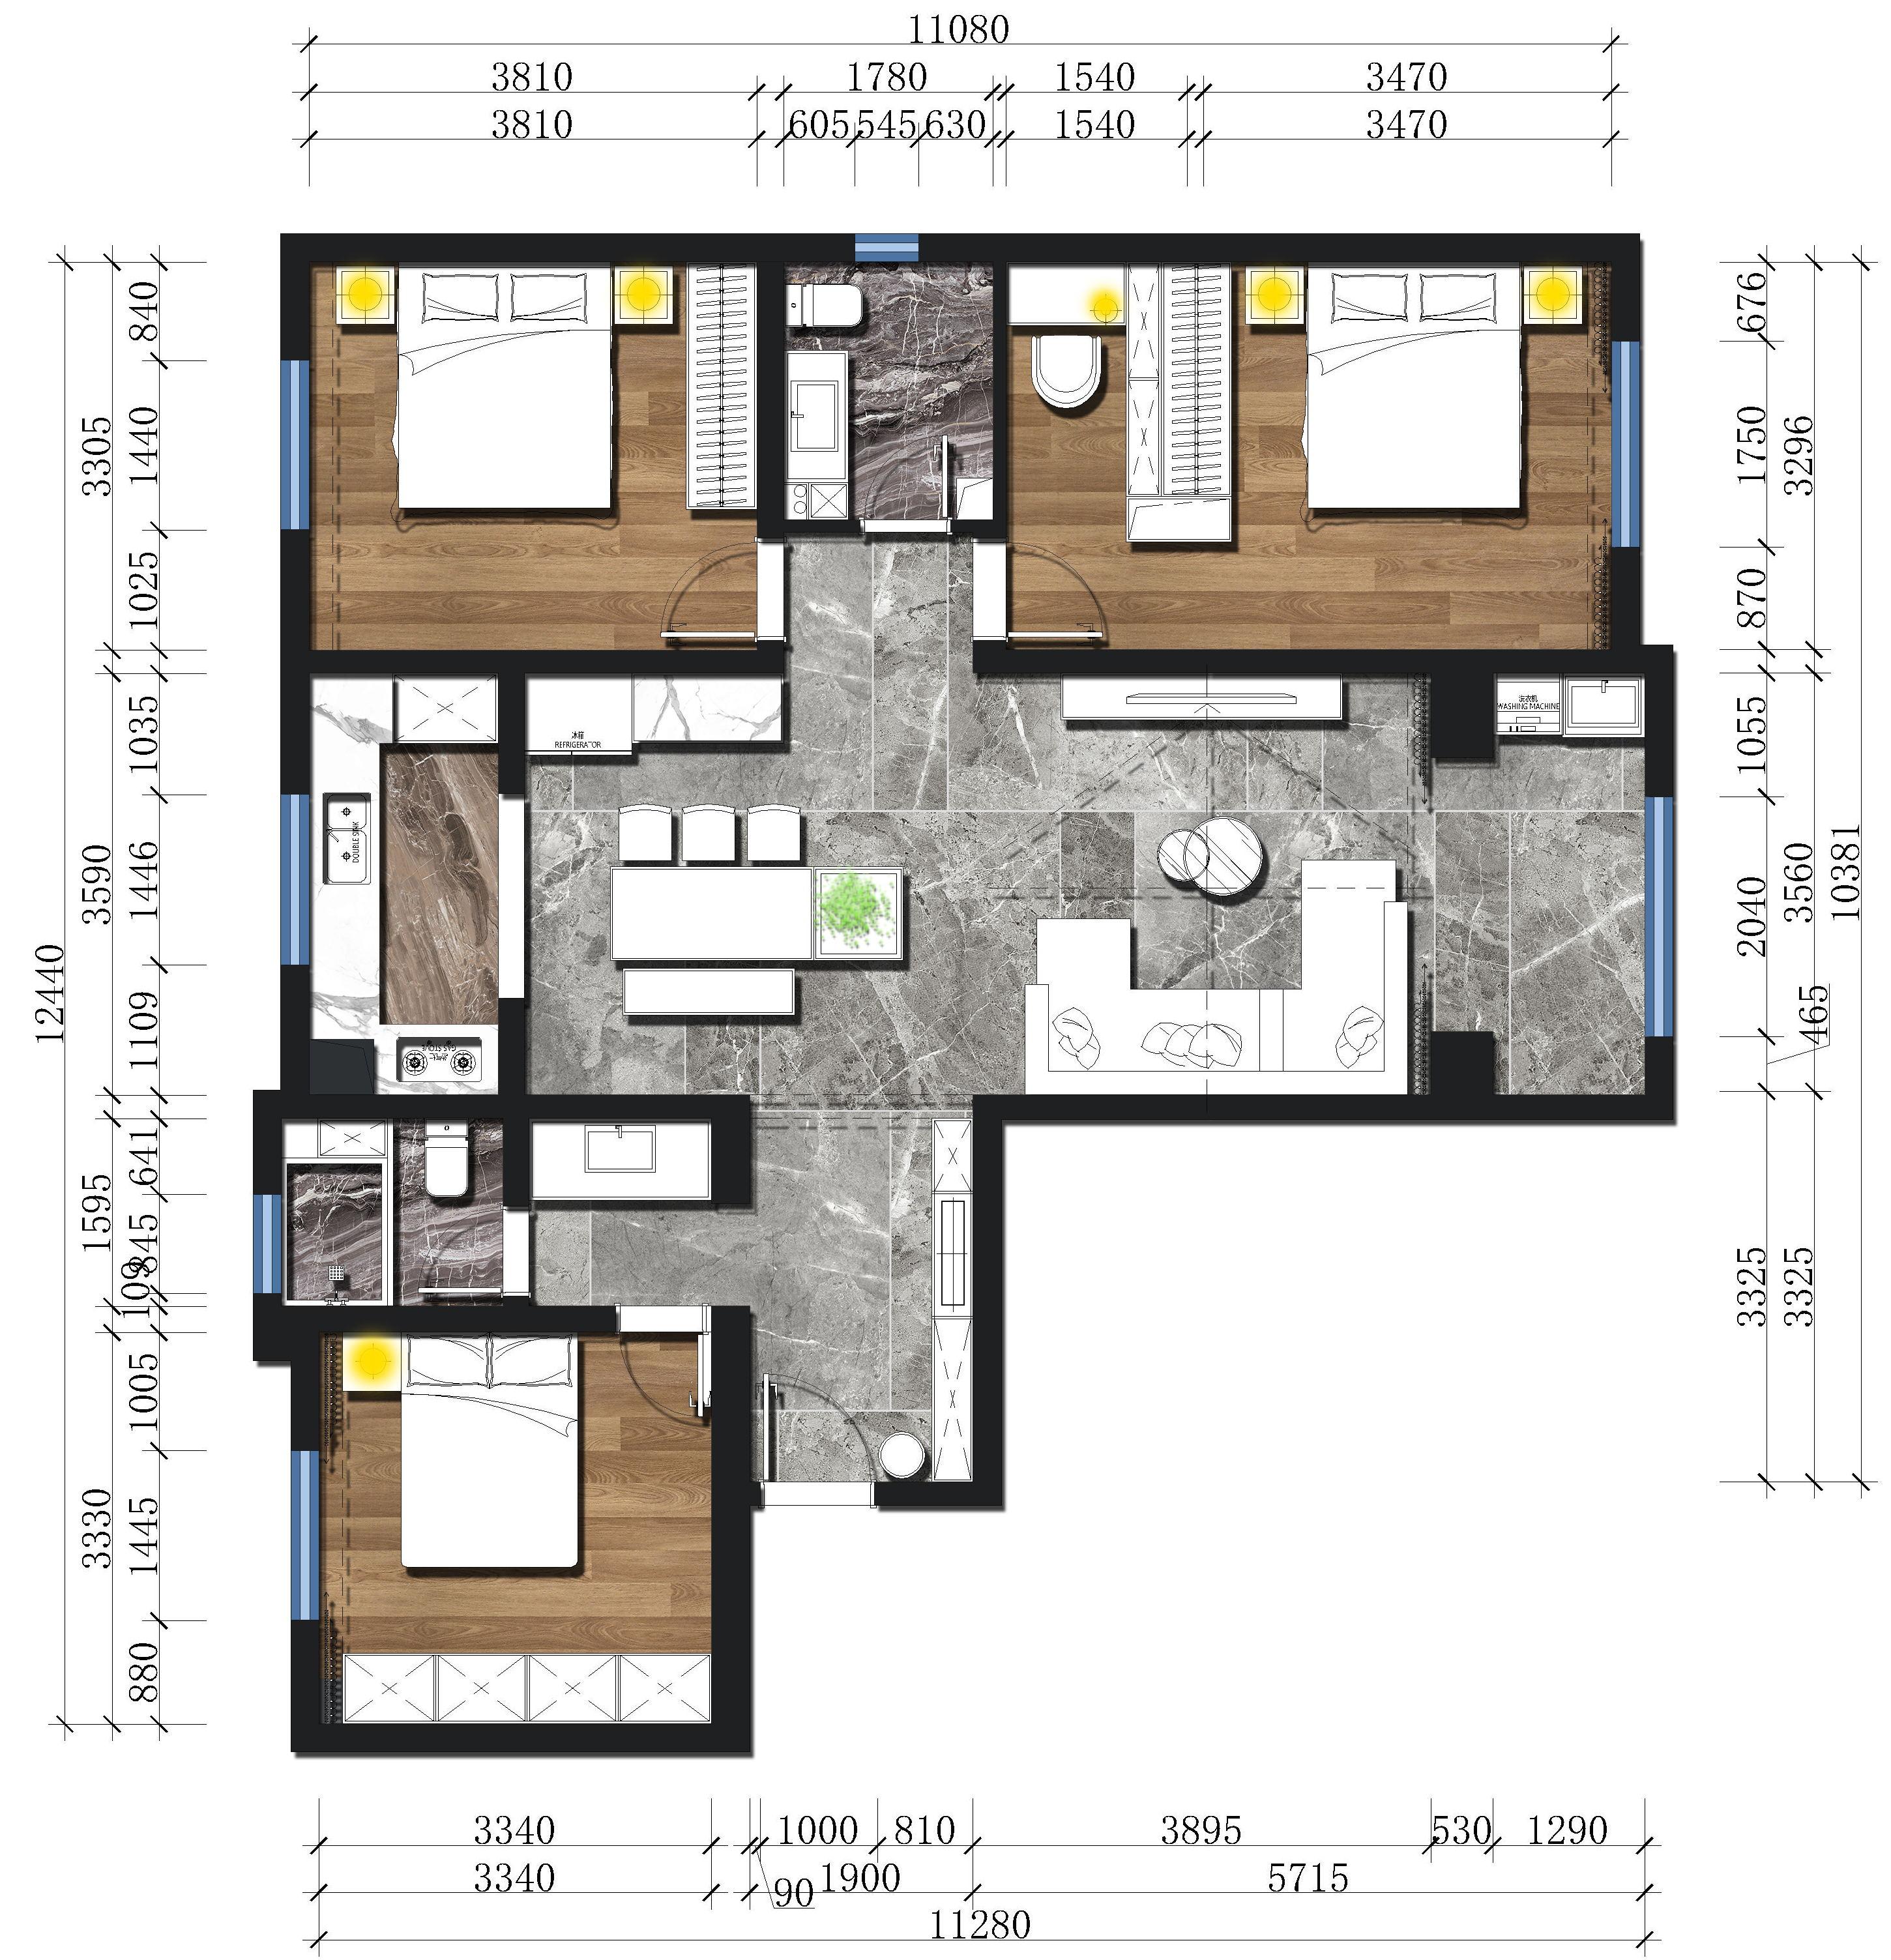 兰州嘉盛园小区-131平米-现代风格装修户型解析装修设计理念